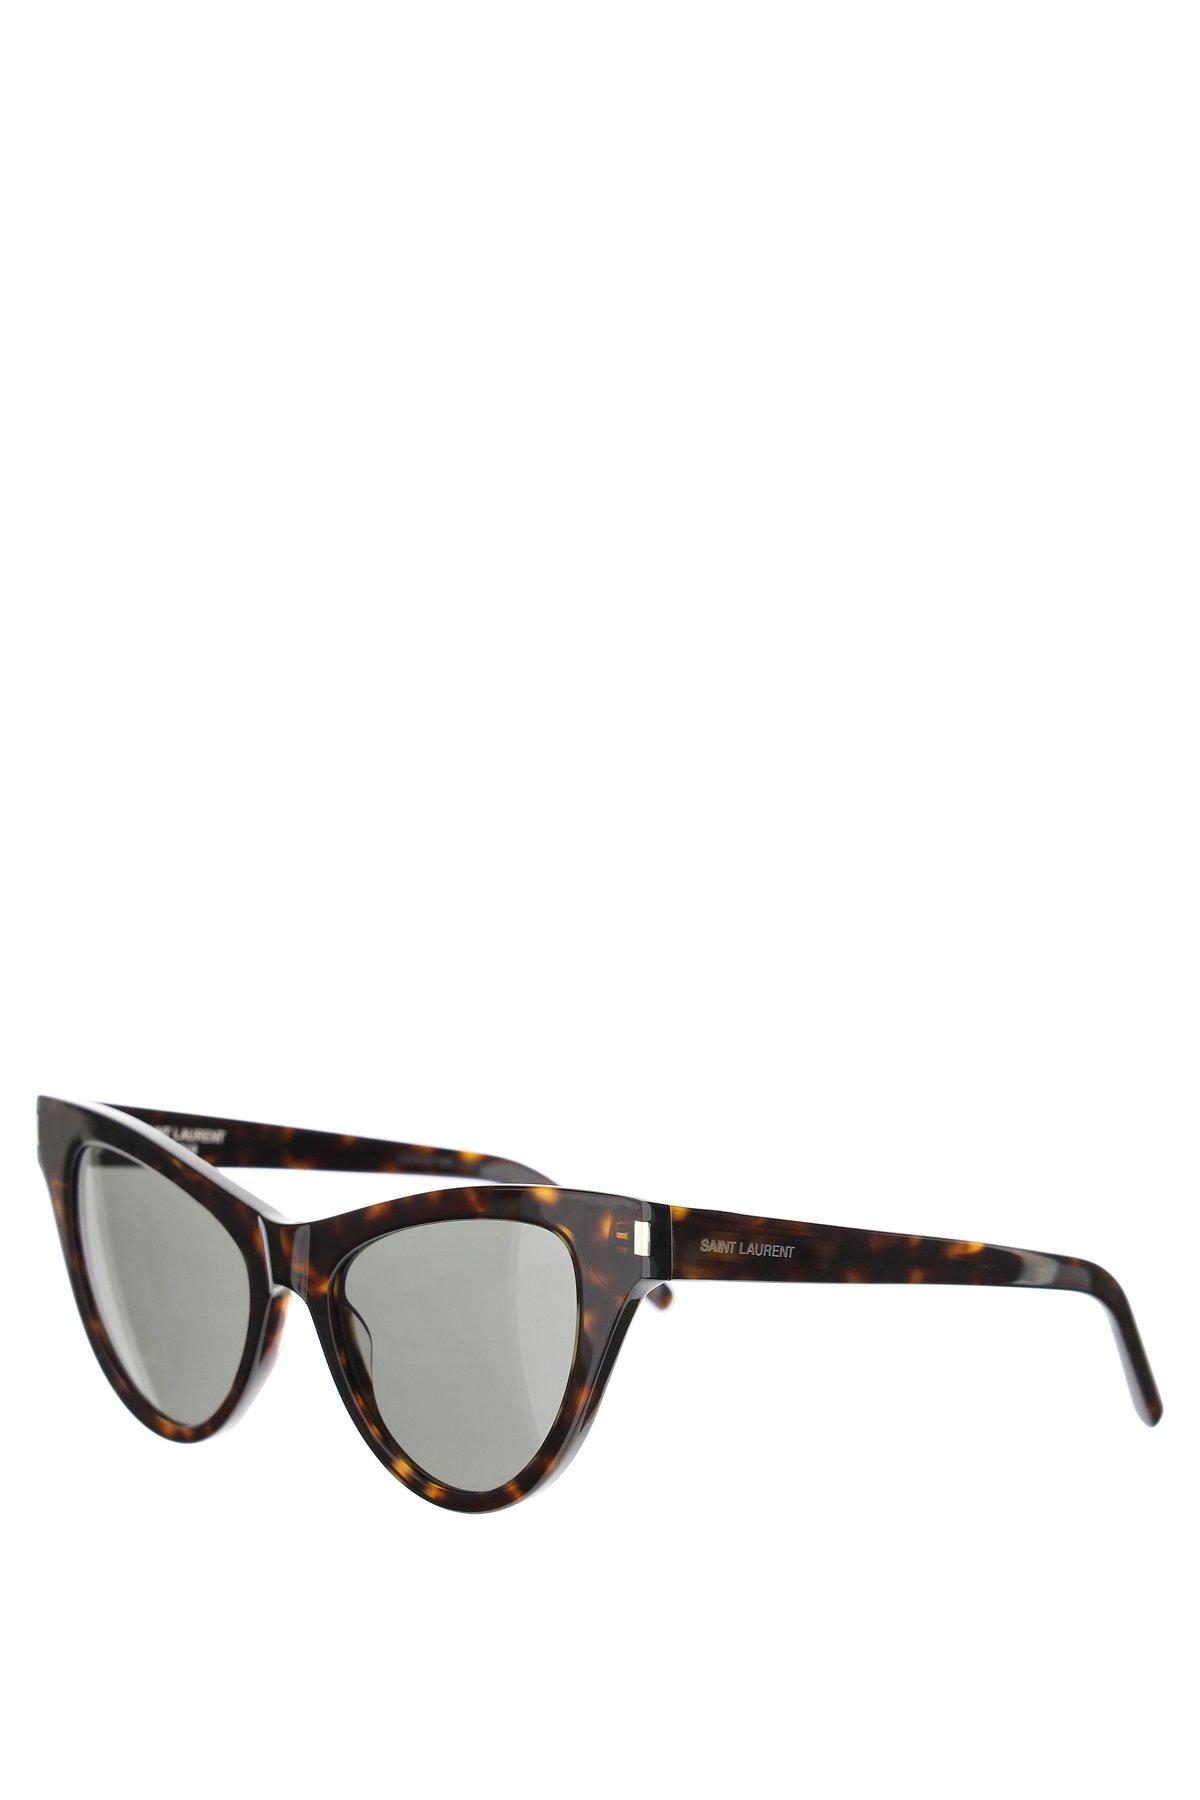 Saint laurent occhiali da sole new wave sl 425